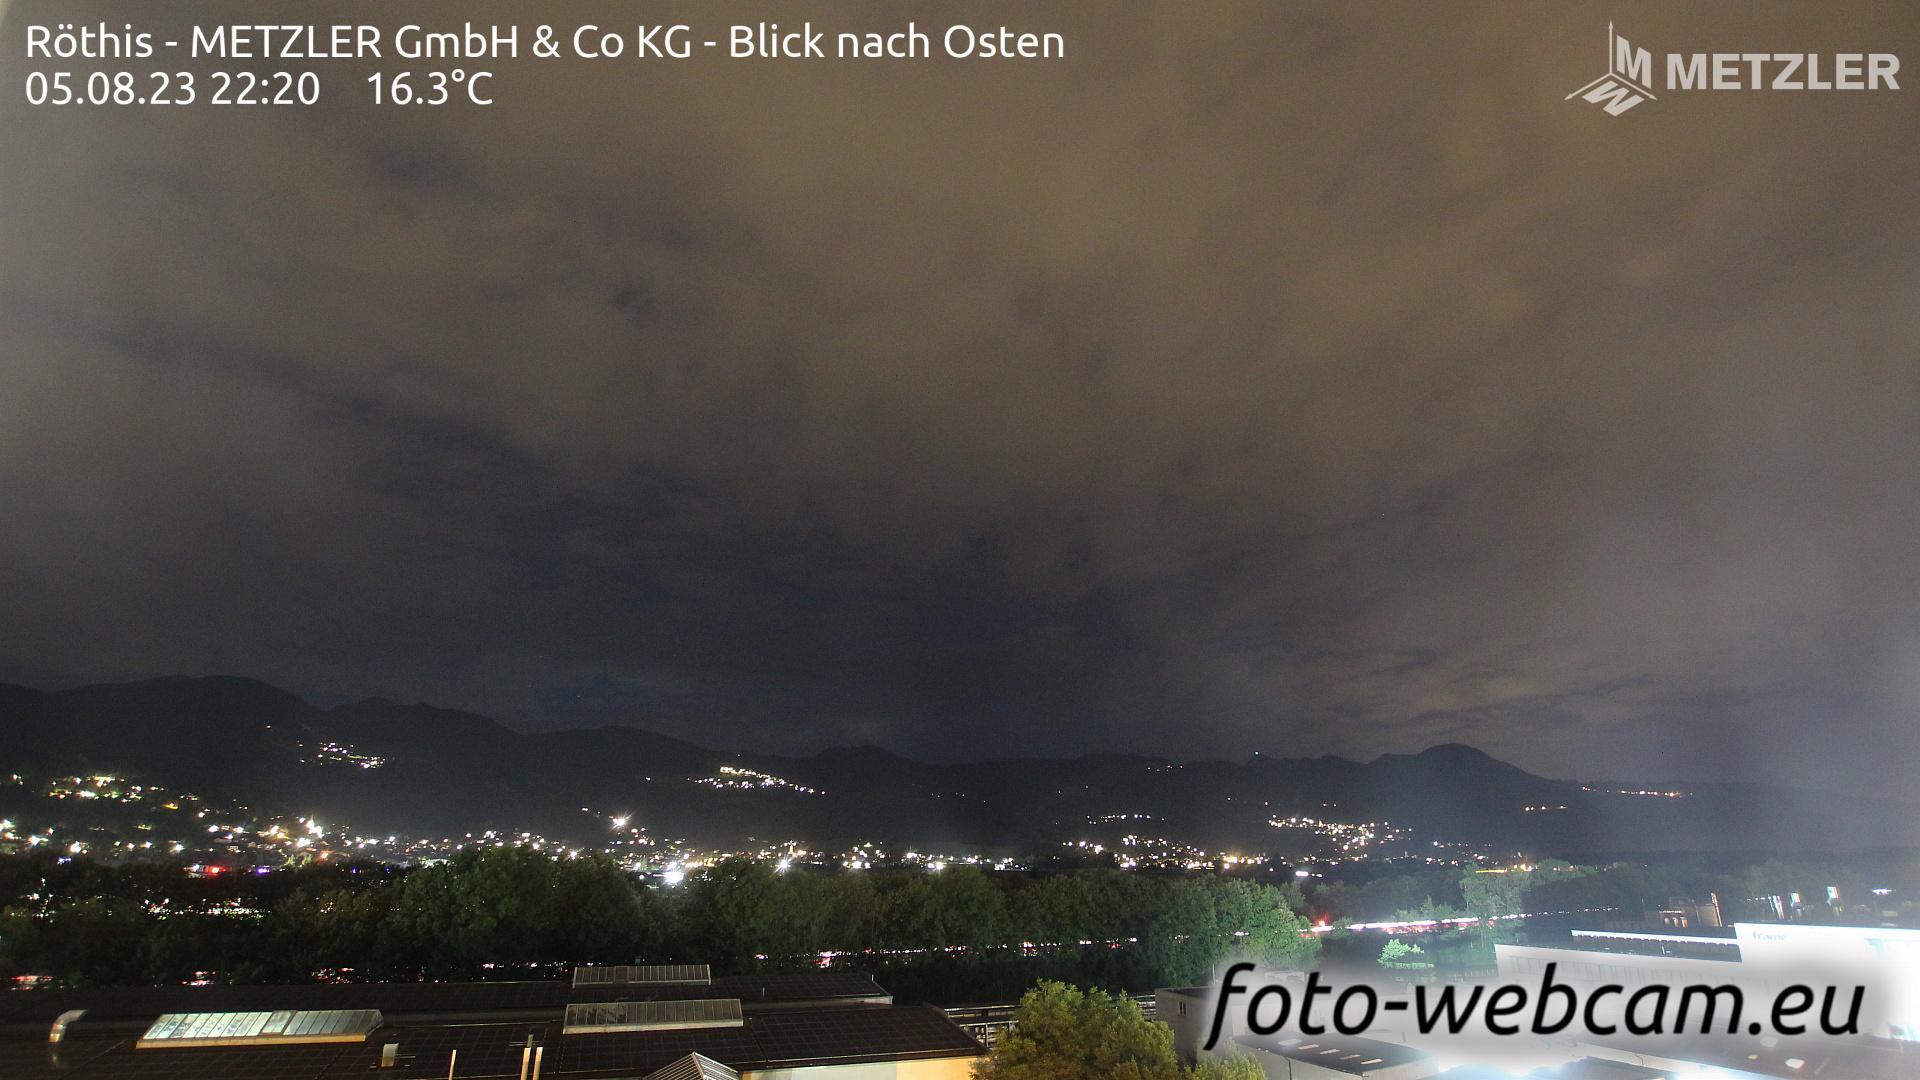 Webcam Dürne: Röthis − METZLER GmbH & Co KG − Blick nach